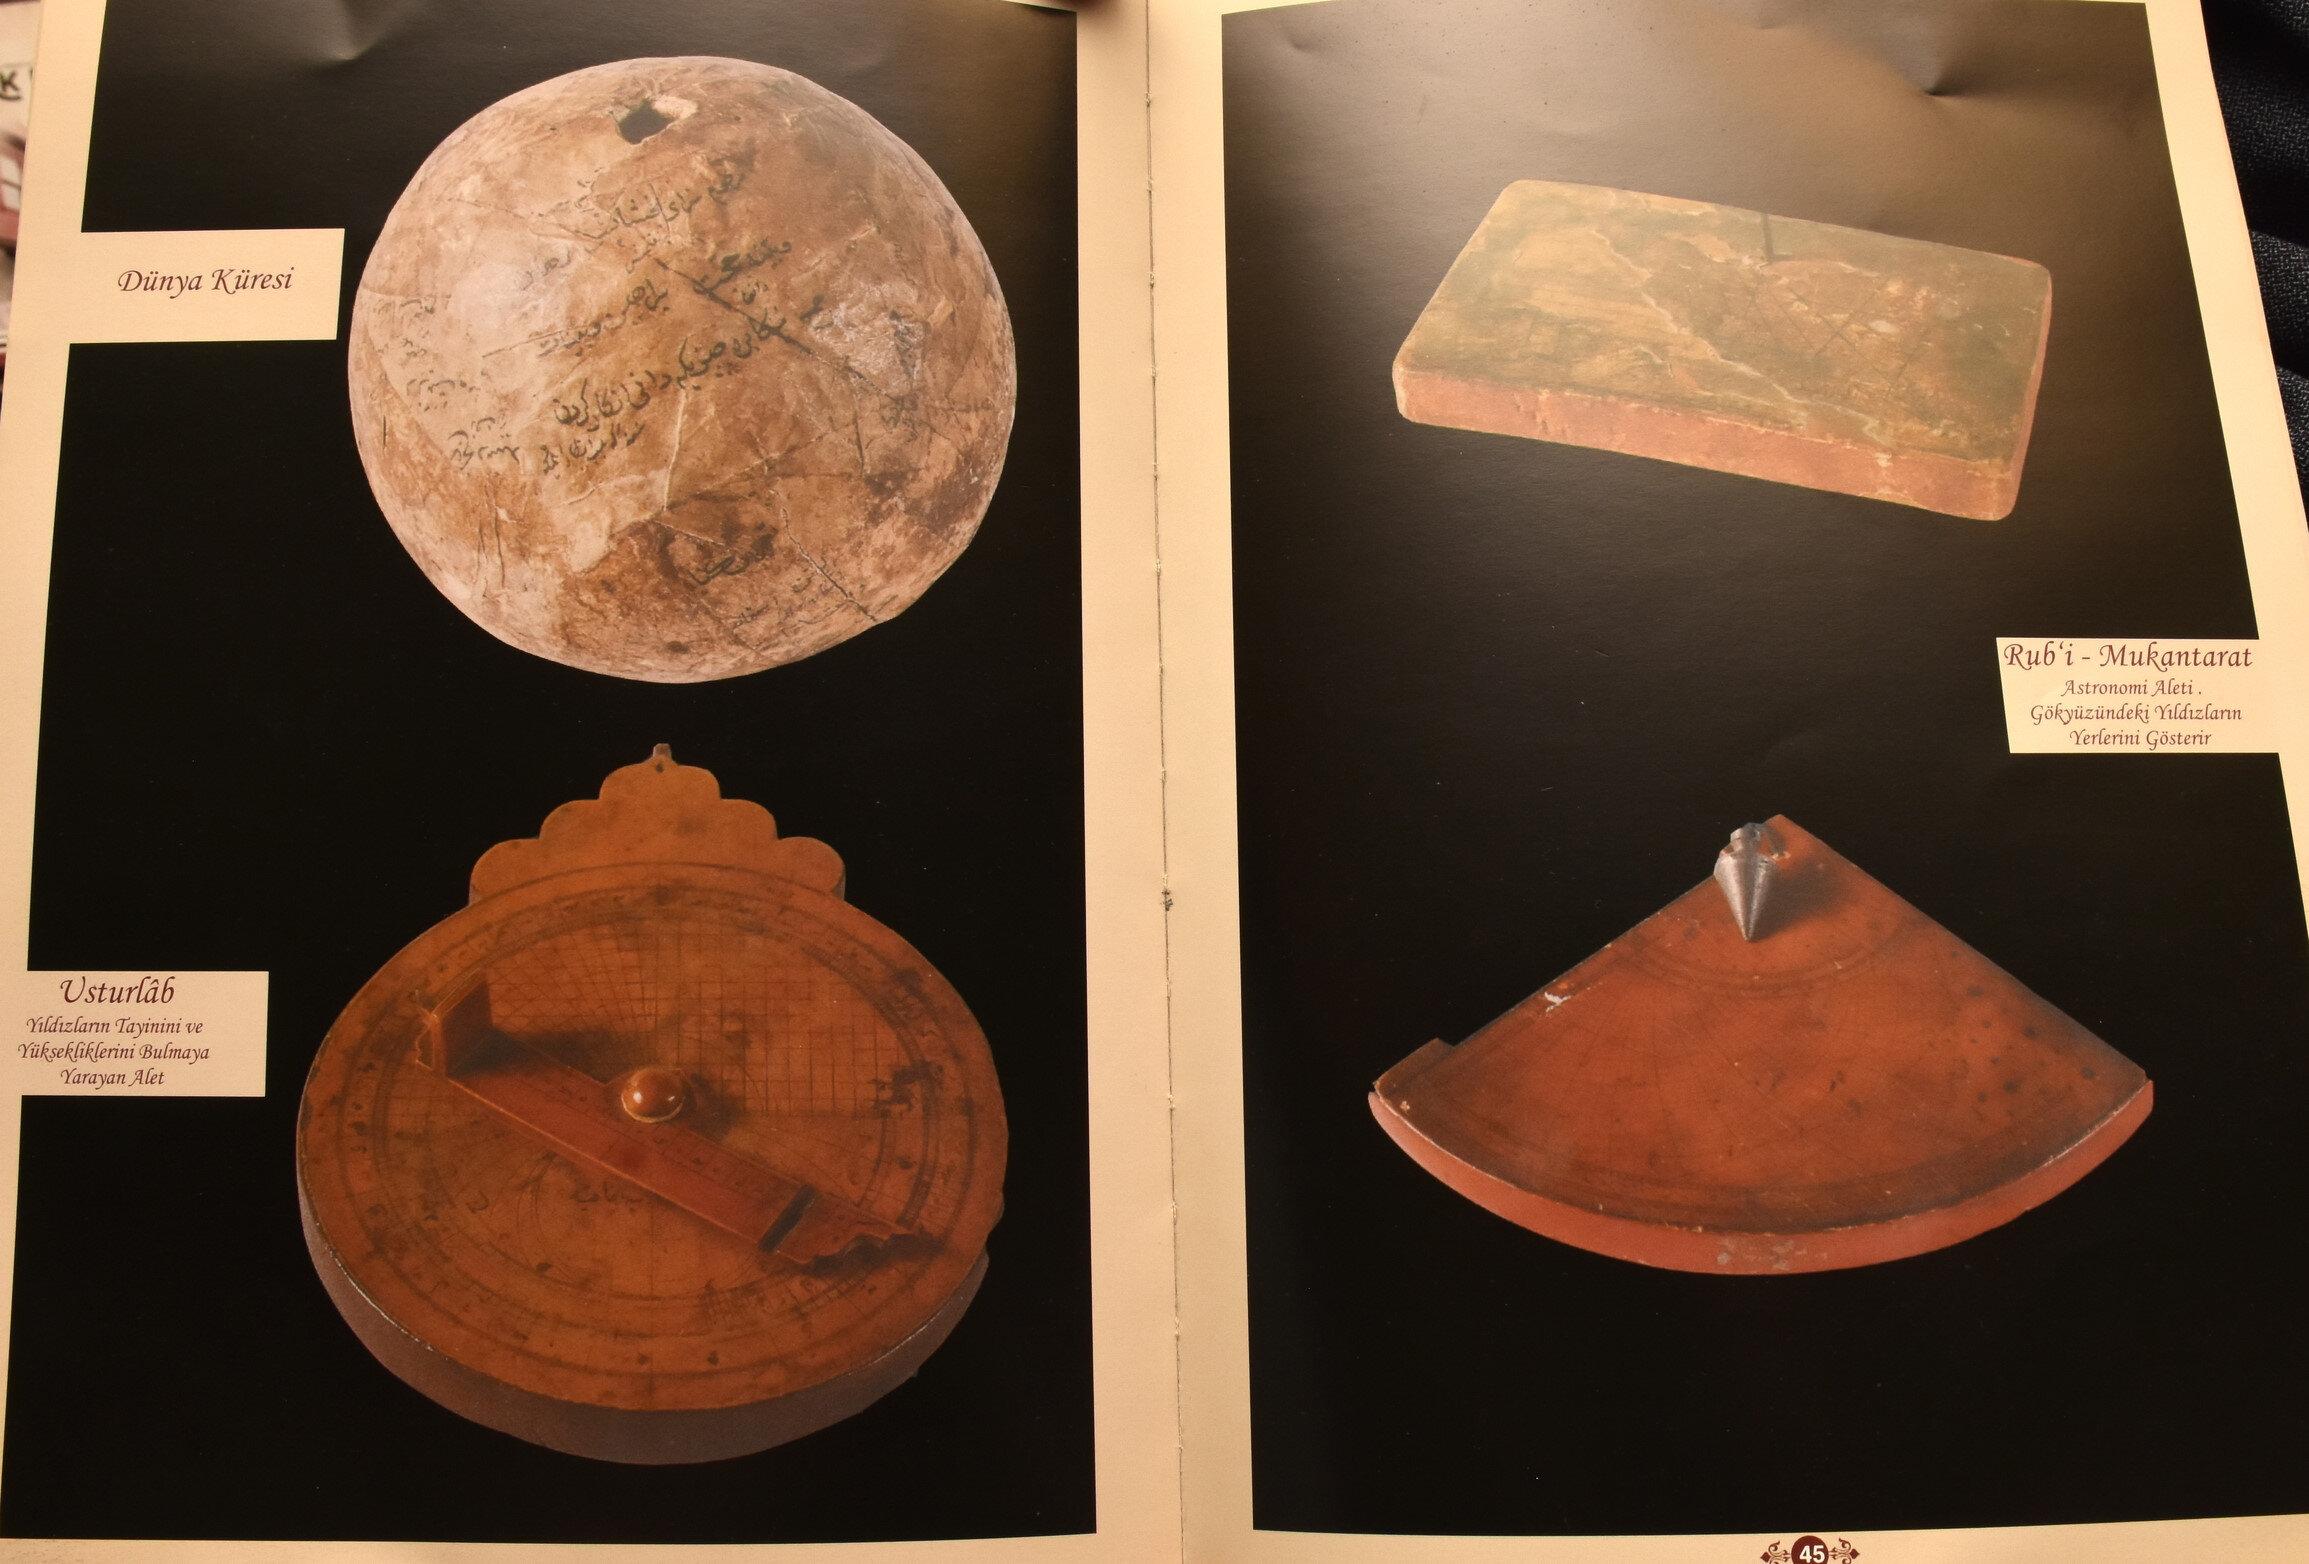 Erzurumlu İbrahim Hakkı, Marifetname eserinde güneş ve ay sistemiyle ilgili bilgilere de yer verdi